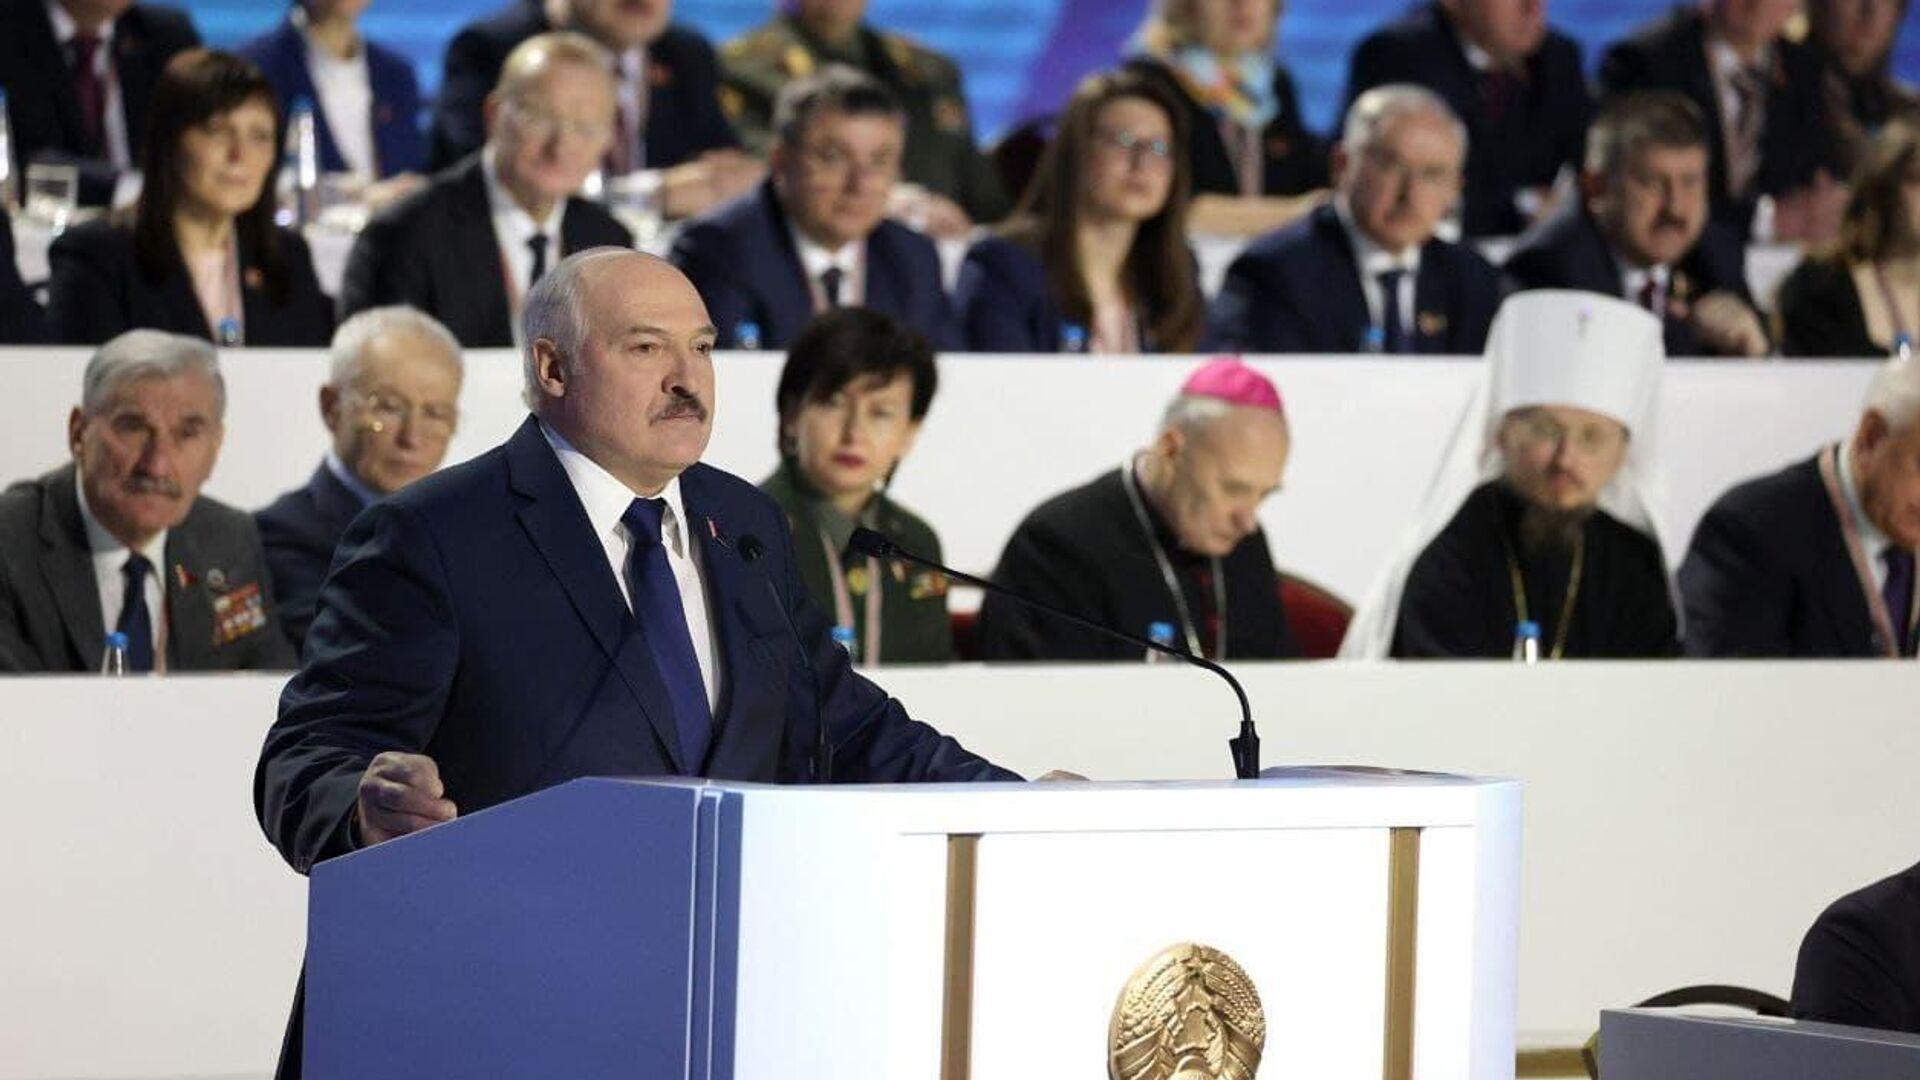 Президент Белоруссии Александр Лукашенко выступает на VI Всебелорусском народном собрании в Минске - РИА Новости, 1920, 11.02.2021